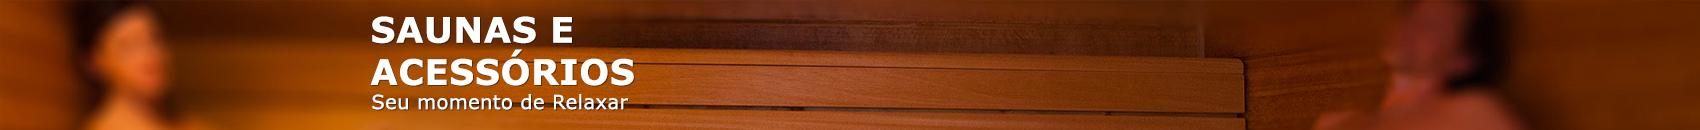 Essências para saunas